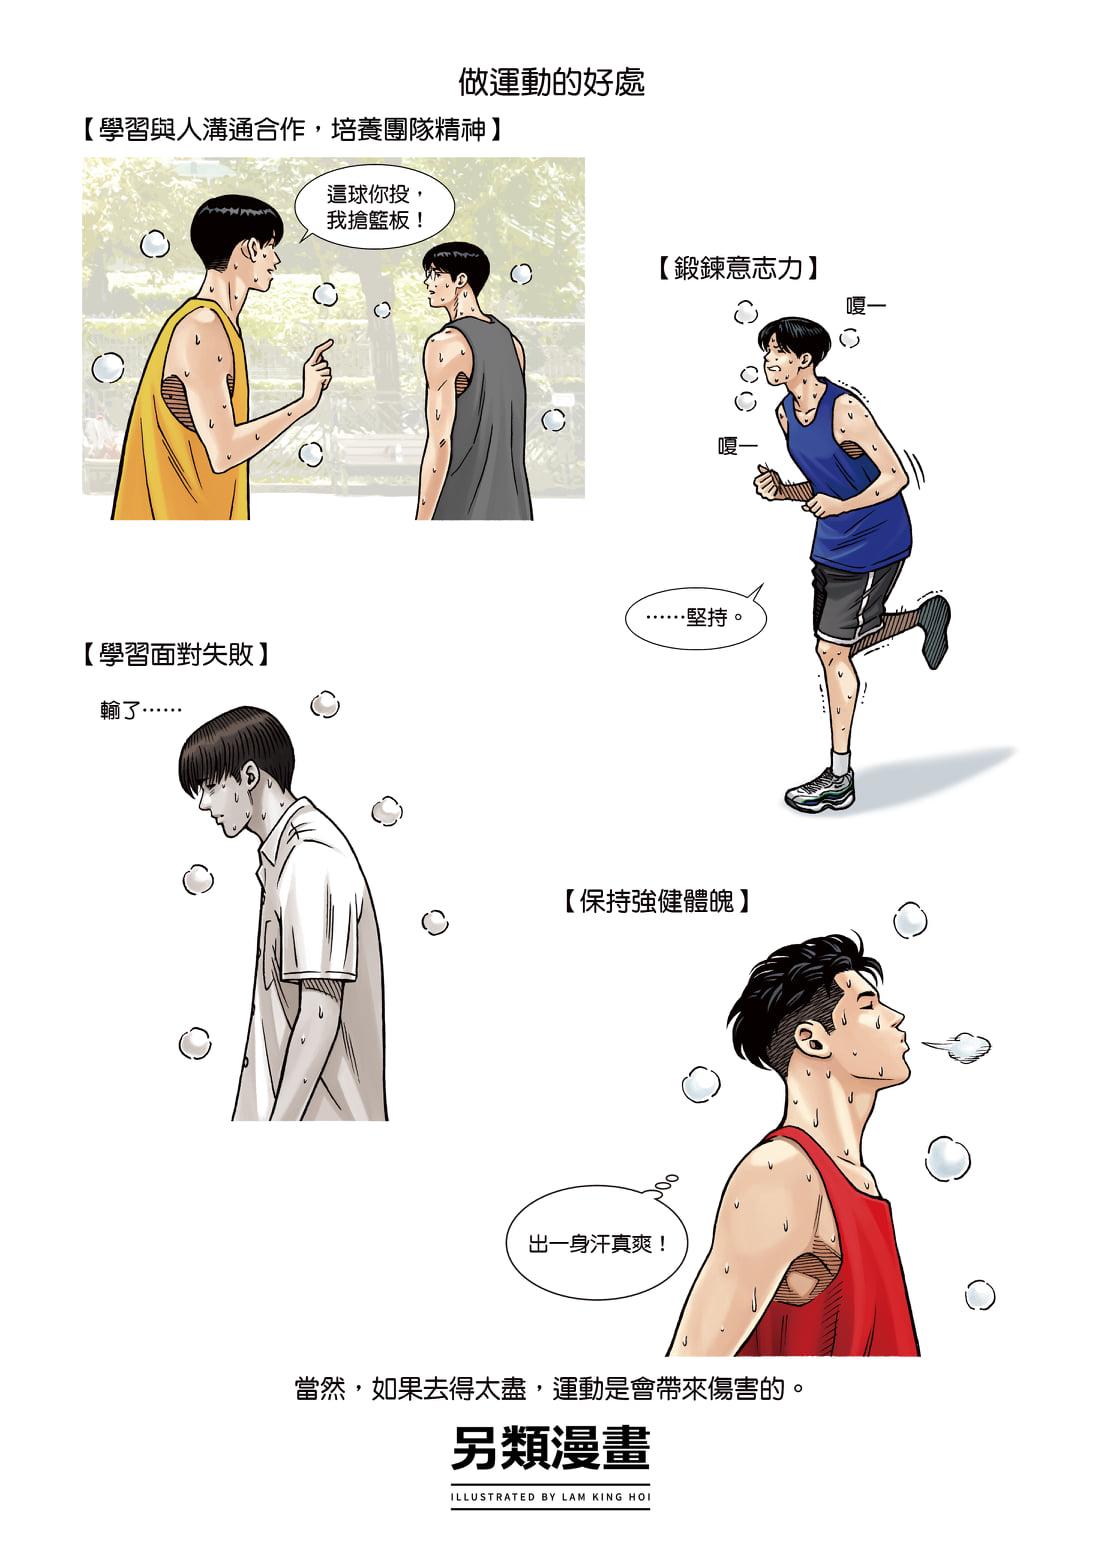 做運動有益身心!